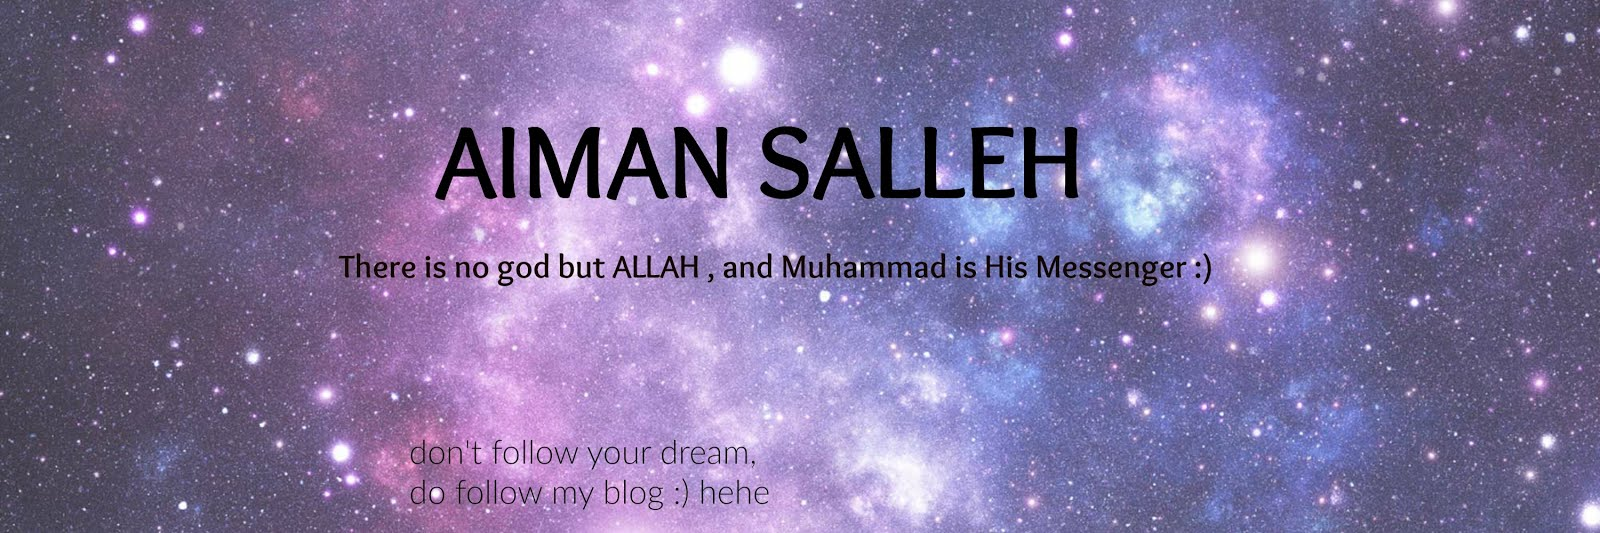 Aiman Salleh